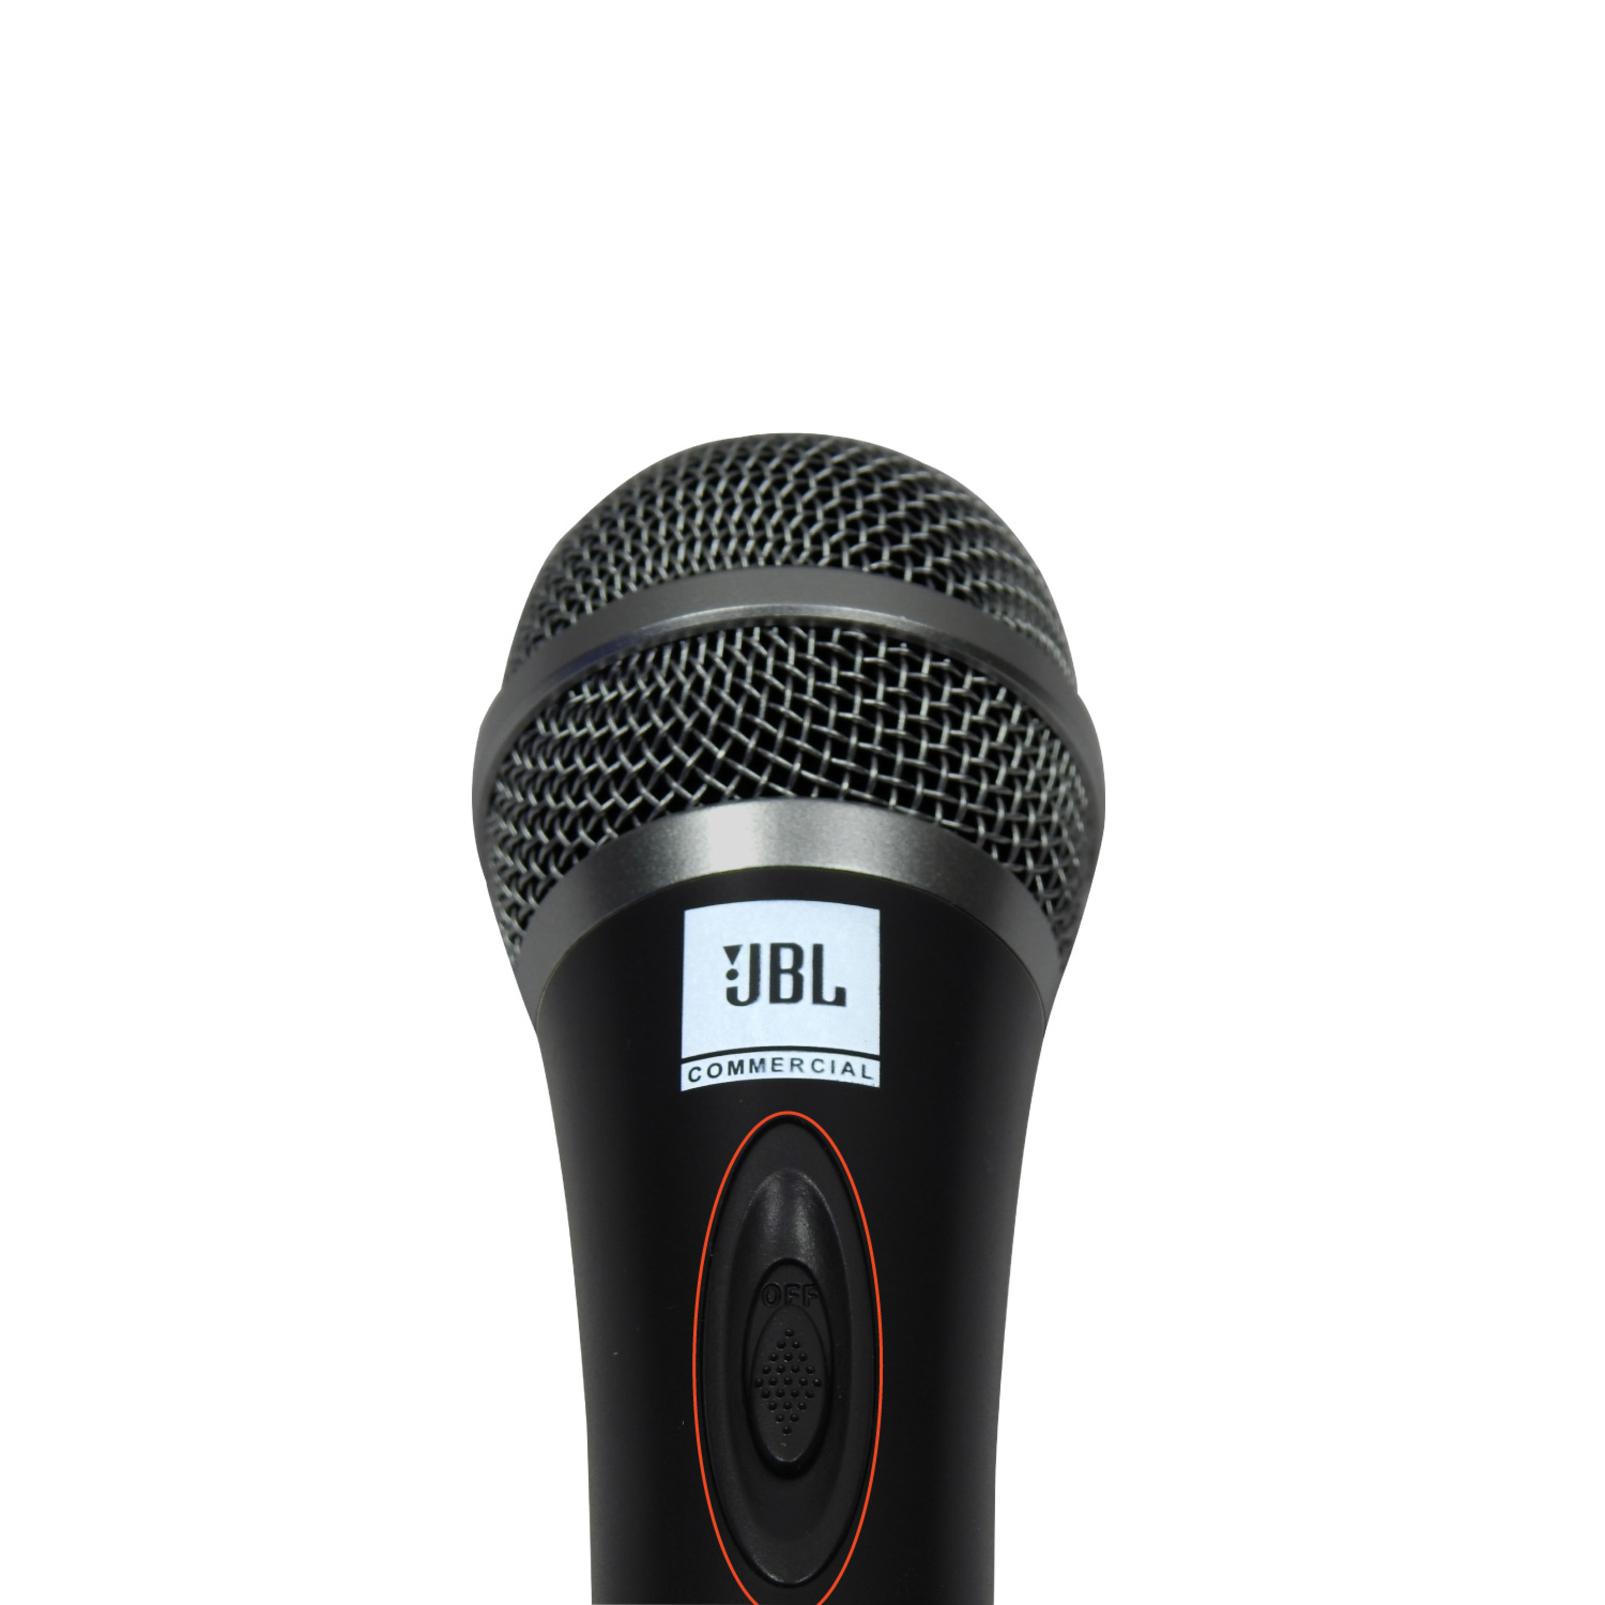 JBLCSHM10 - Black - Handheld Dynamic Vocal Microphone - Detailshot 3